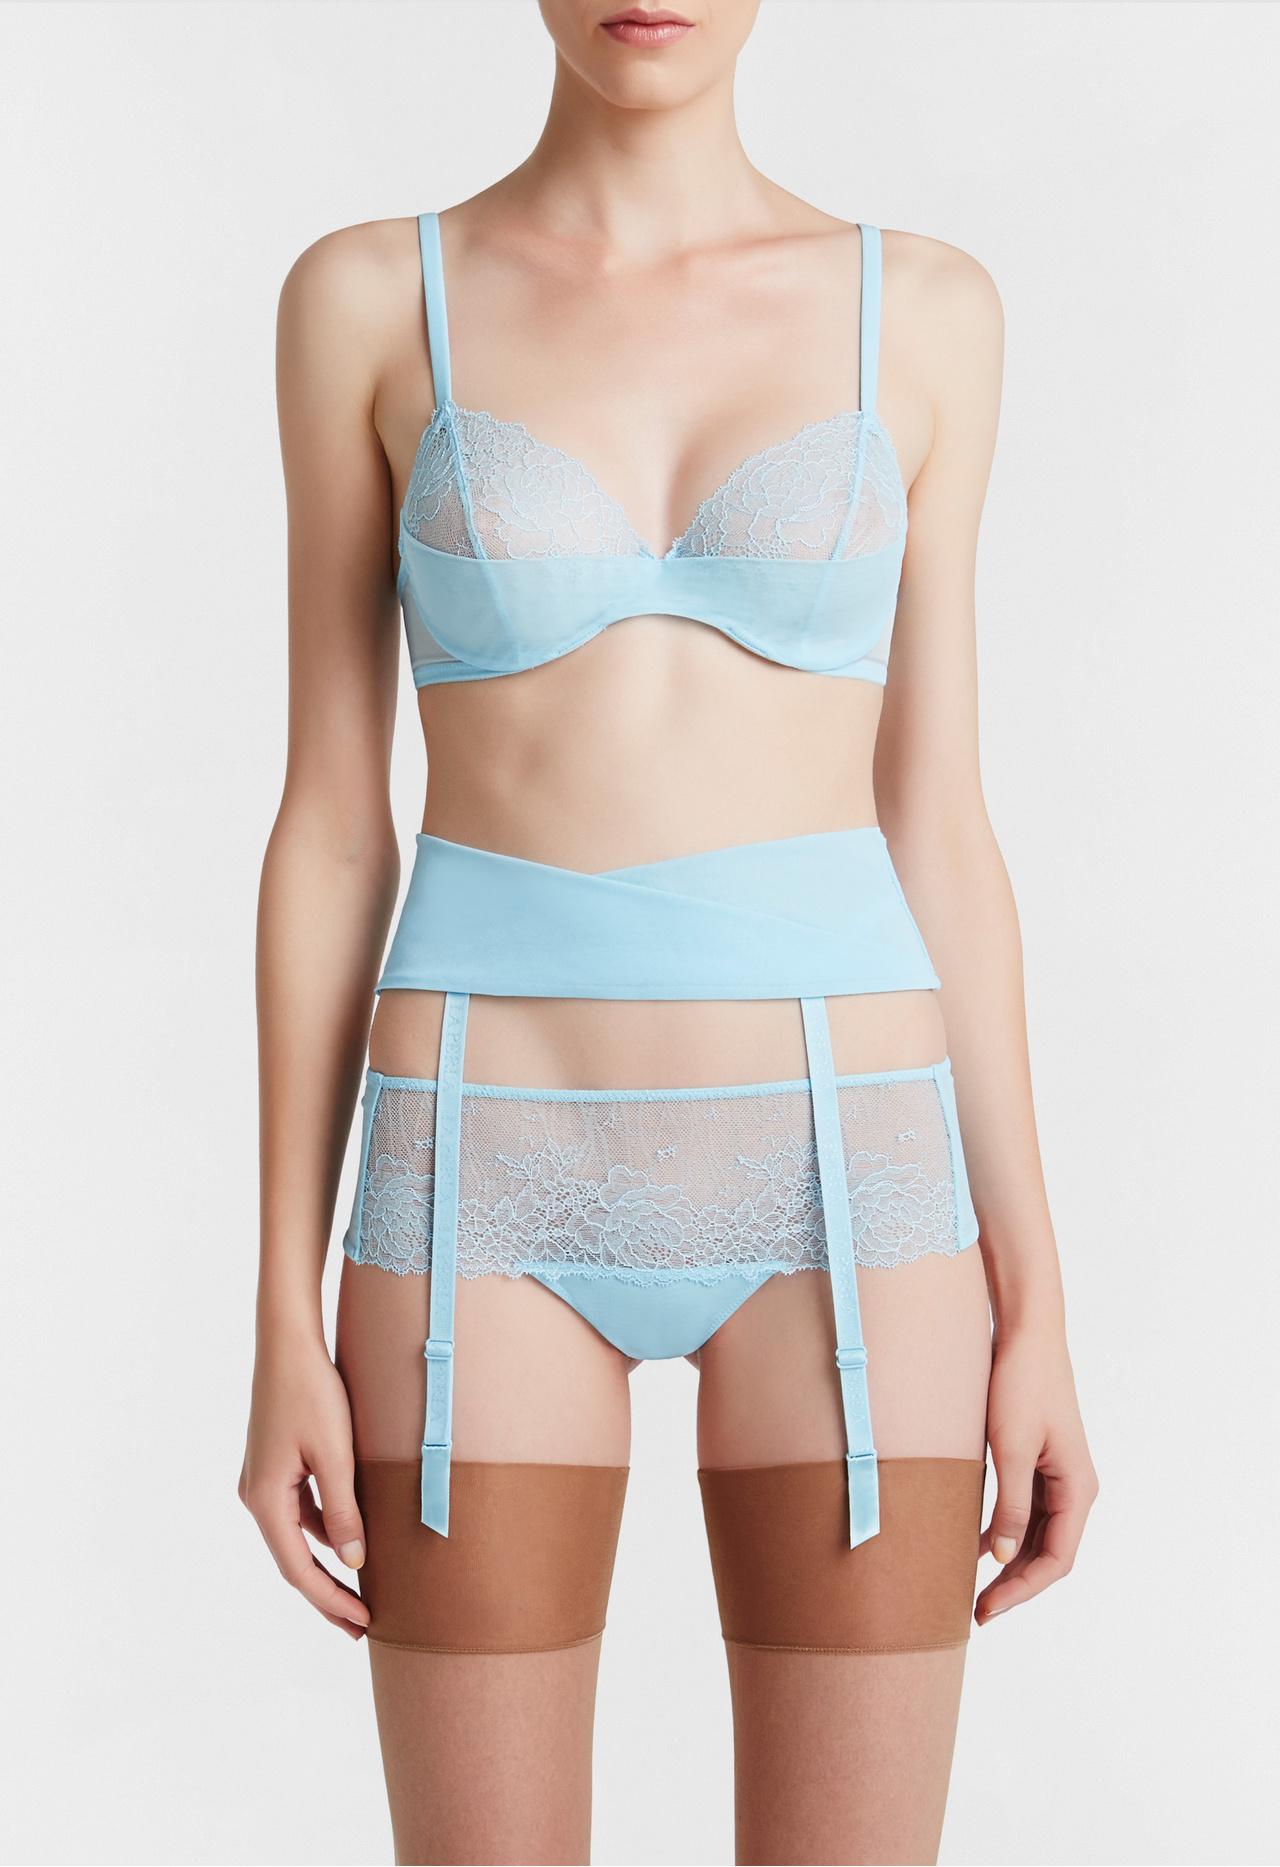 La Perla 50% Sale, Пояс для чулок Lace Flirt, 9 583 руб., цена с учётом скидки – 4 791,5 руб.